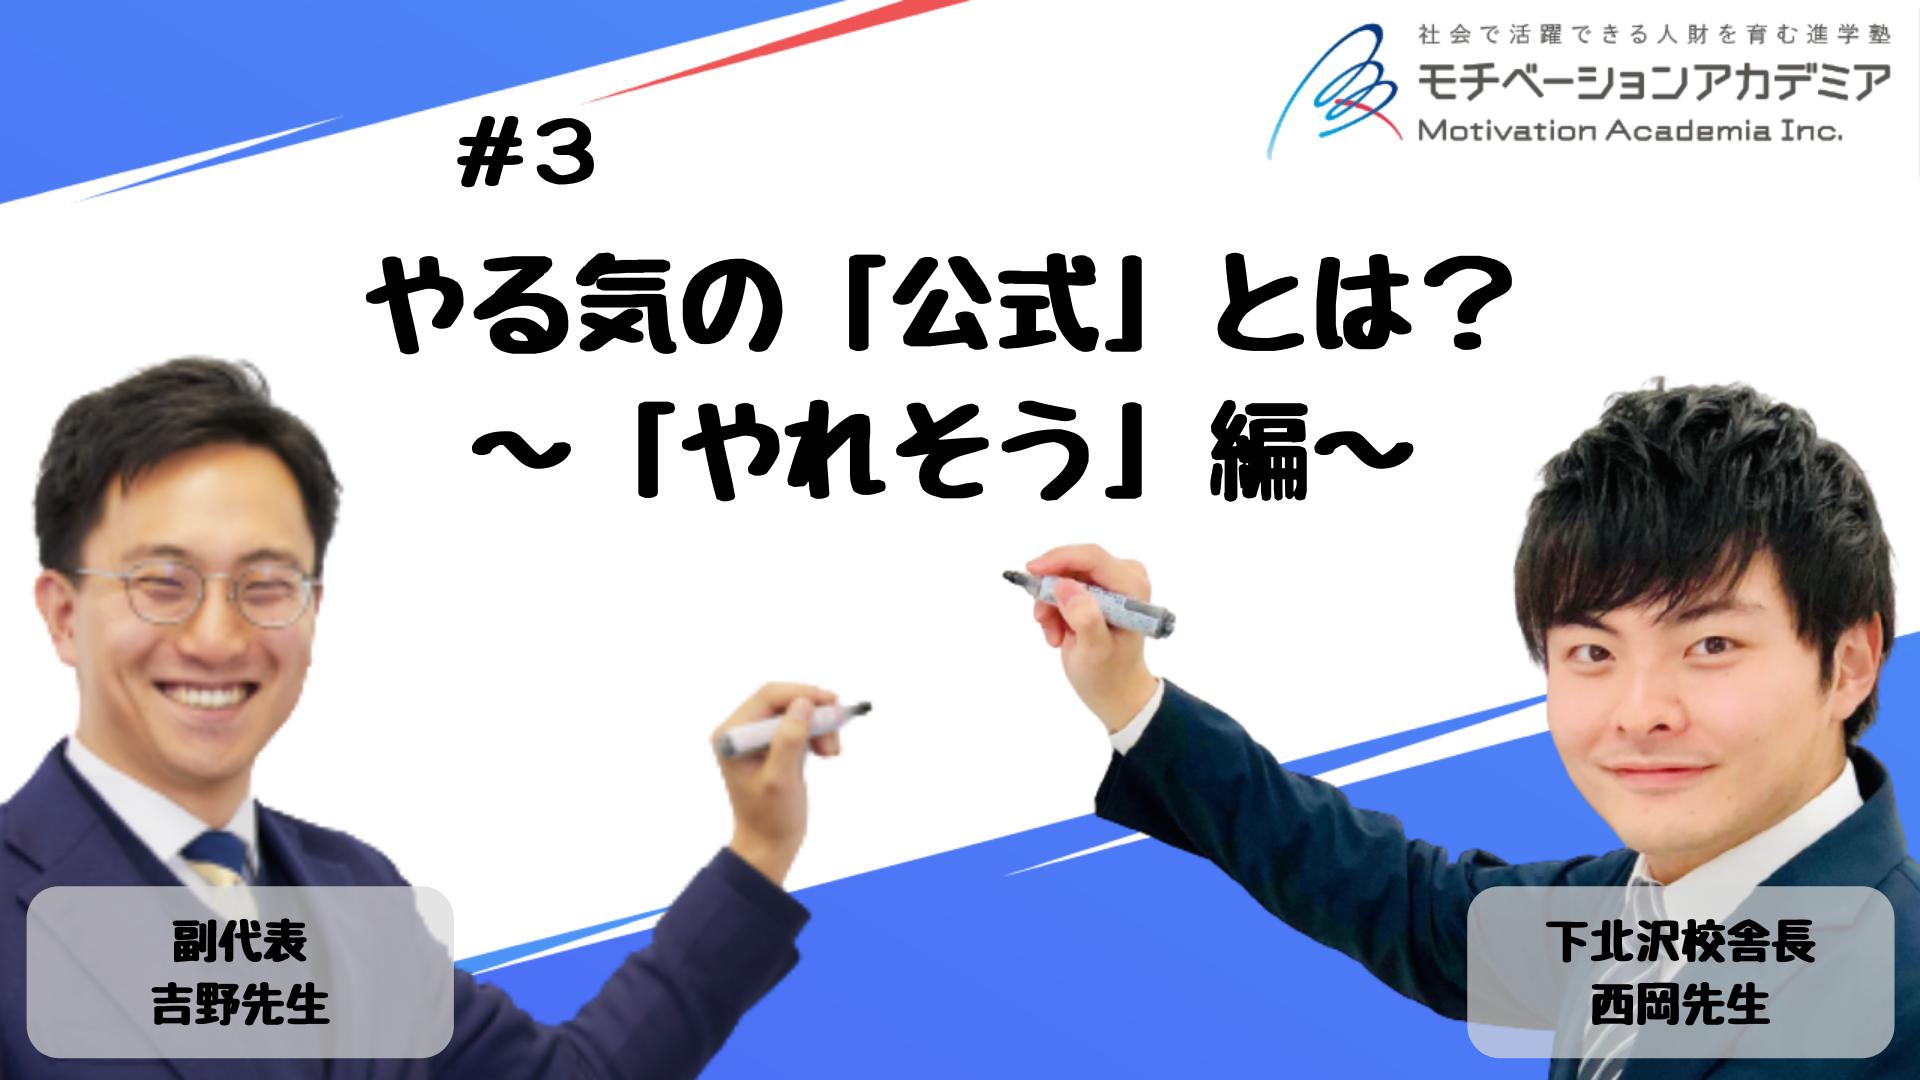 【動画】#3 やる気の「公式」とは?~「やれそう」編~